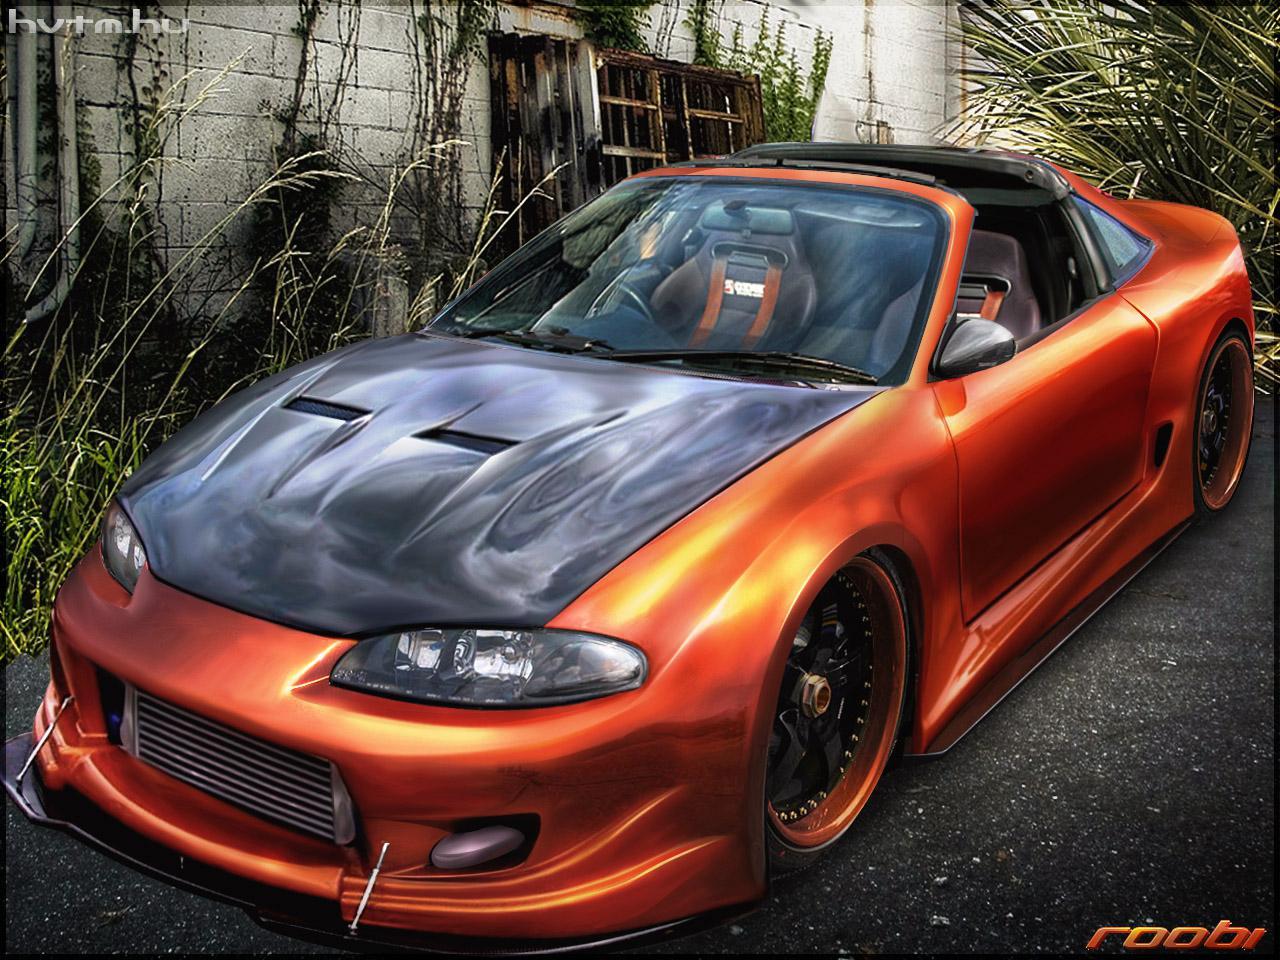 Mitsubishi Eclipse Souped Up >> Mitsubishi Eclipse (mitsubishi eclipse by roobi)